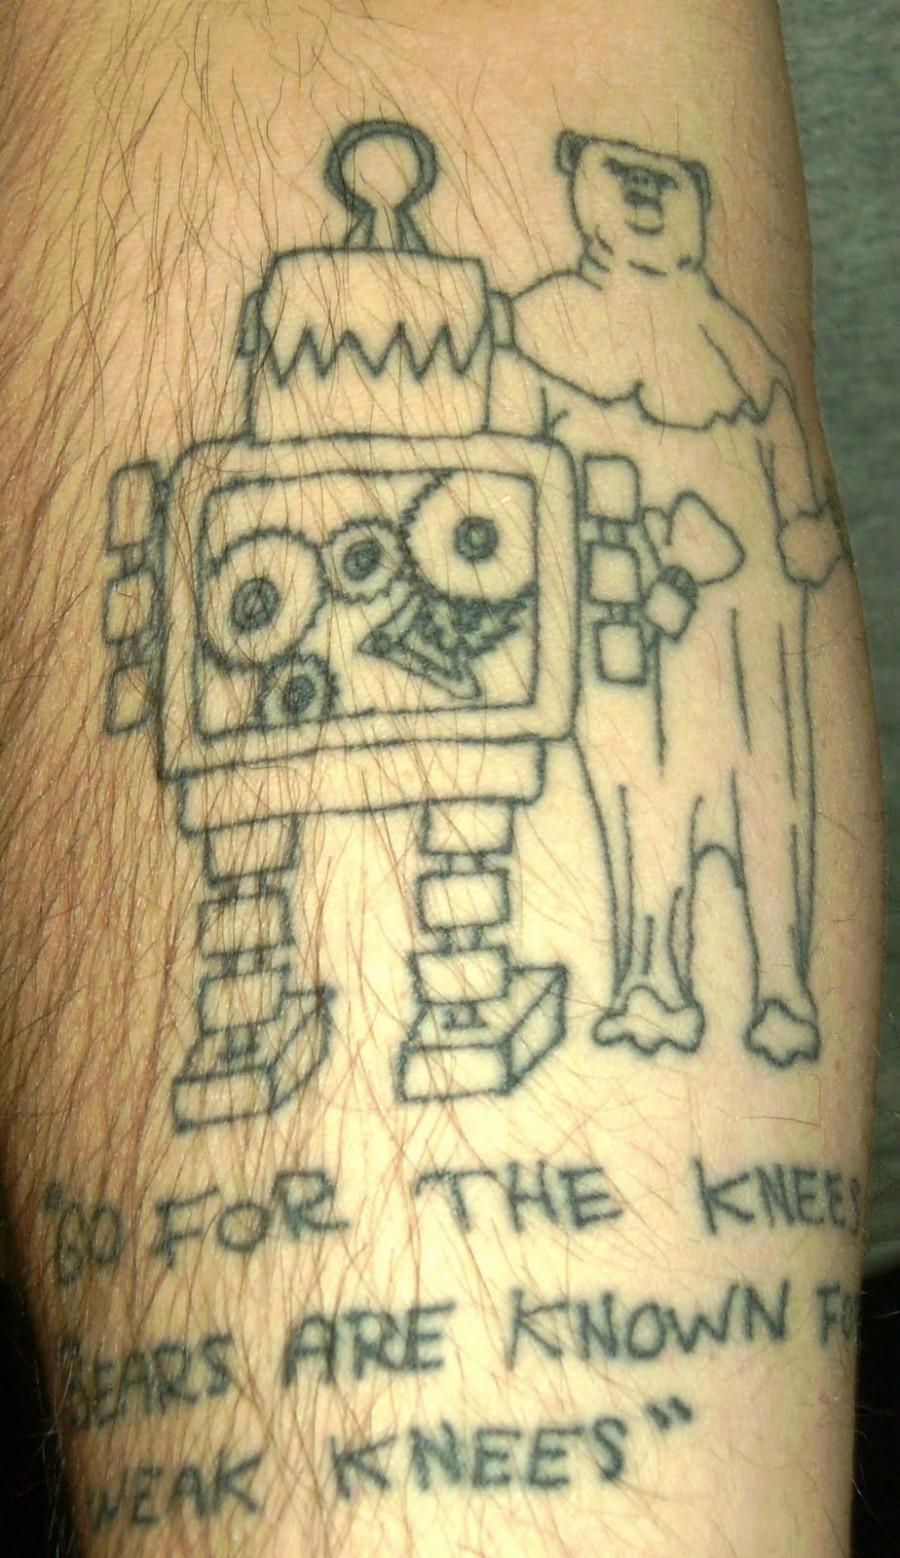 Robot and Bear Tattoo Design Ideas